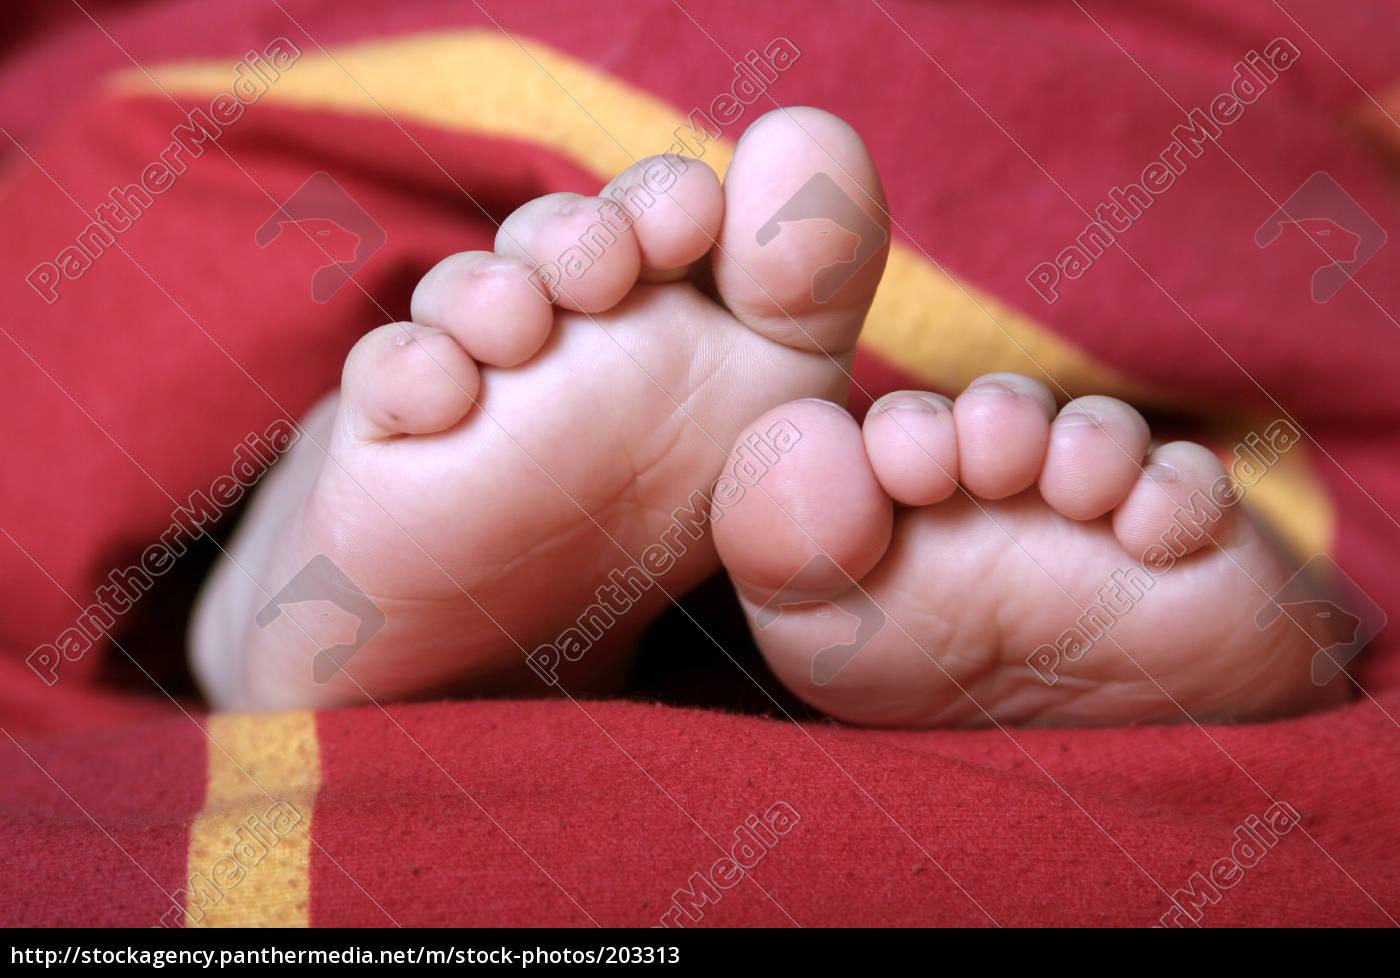 children's, feet - 203313